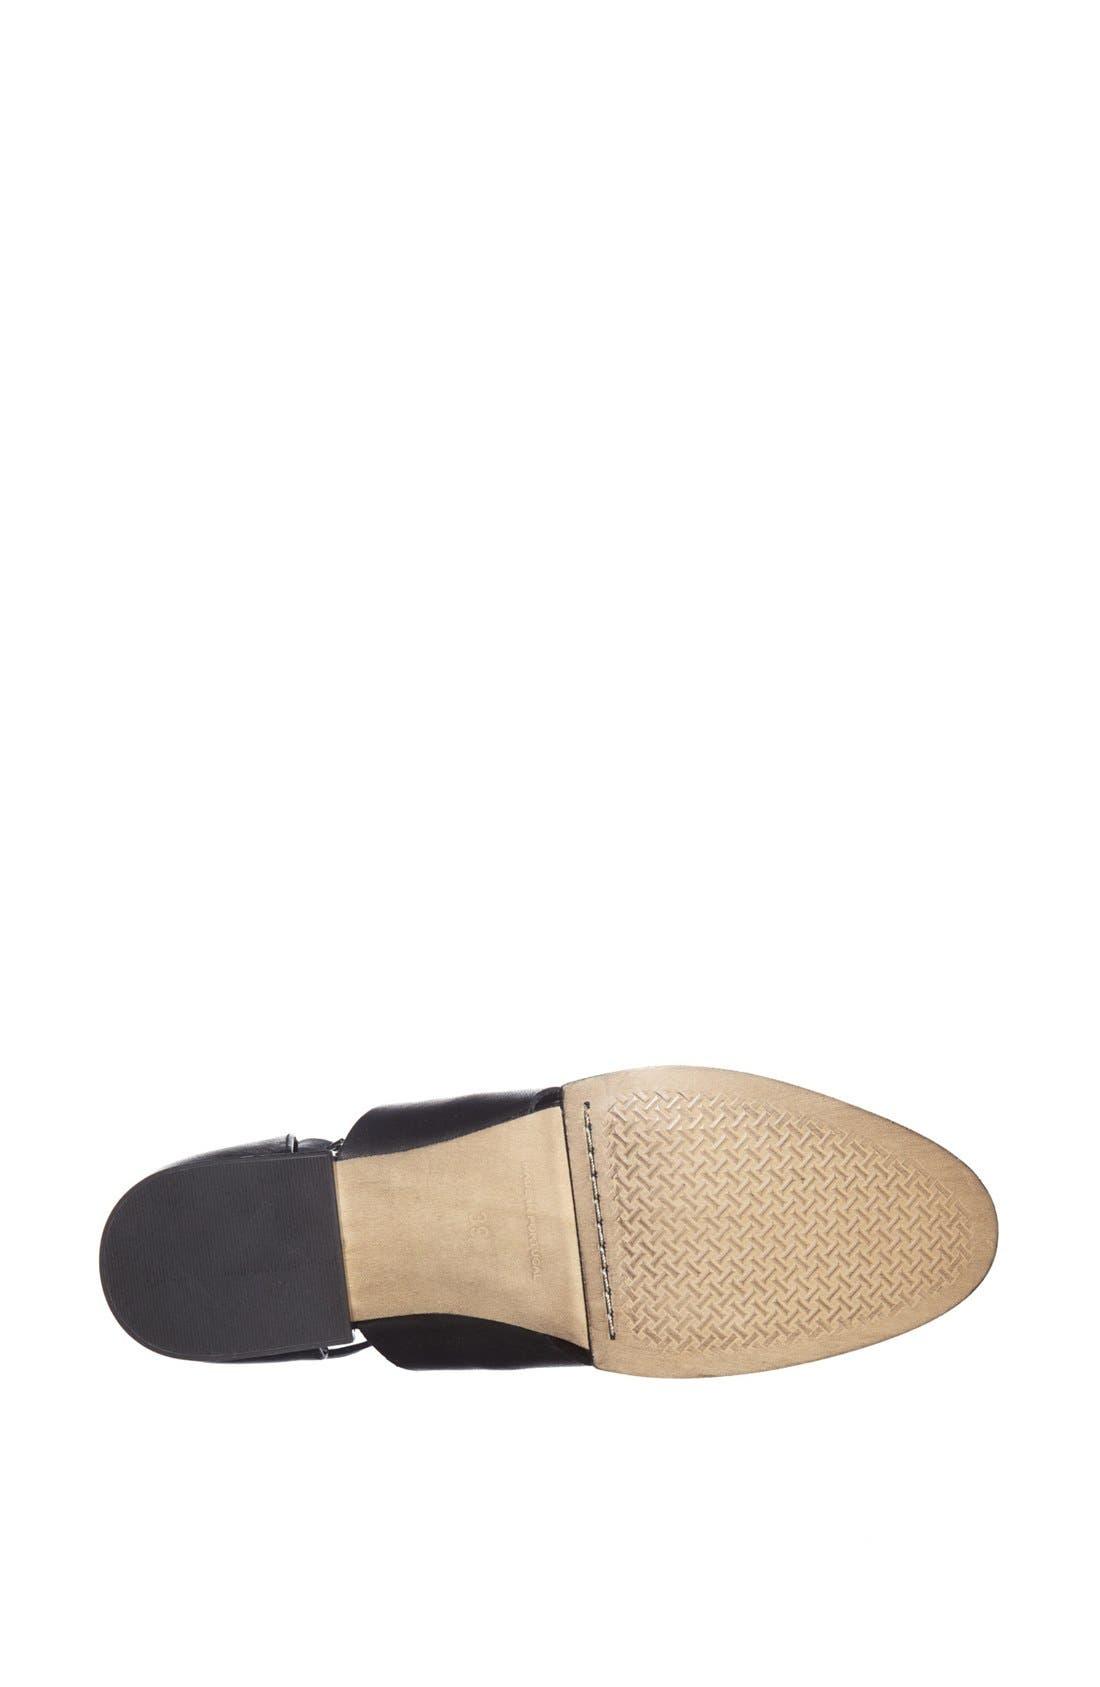 'Kapa' Cutout Shoe,                             Alternate thumbnail 2, color,                             001